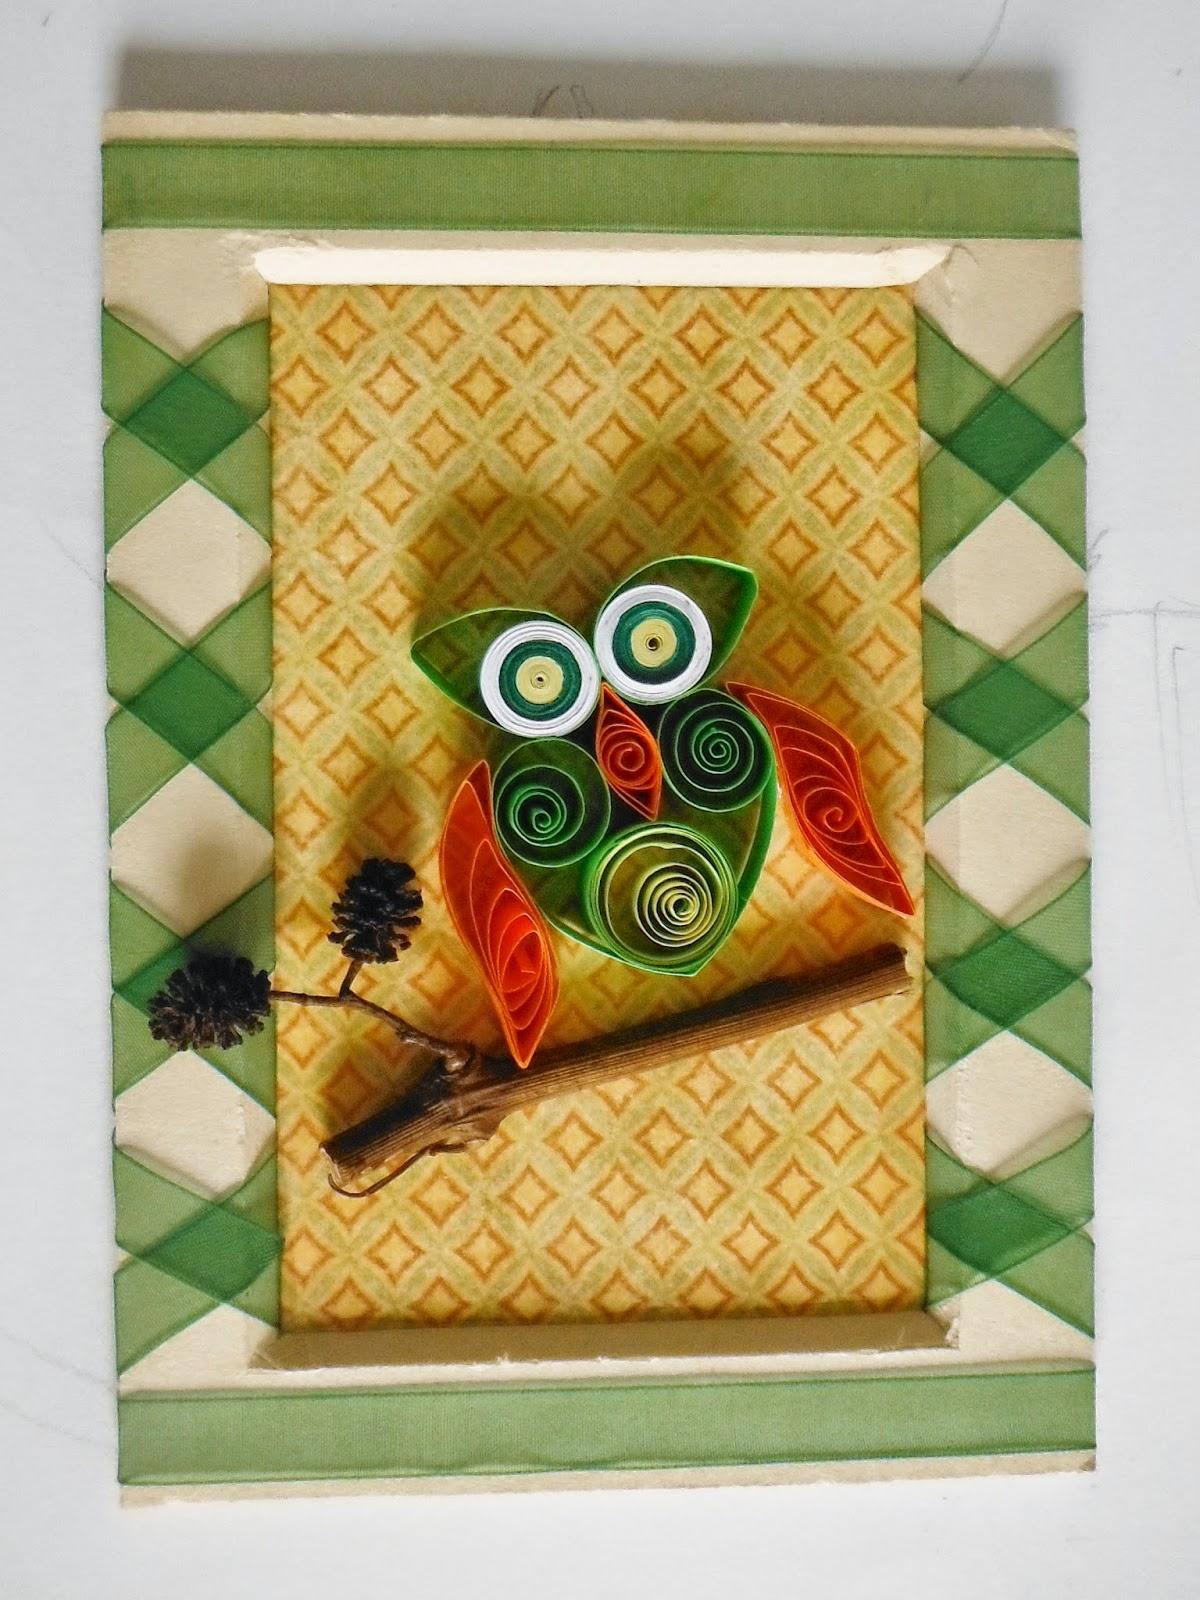 Connu Loisirs Créatifs Adulte | MIMI VERMICELLE / Cours Art plastique et  OK48